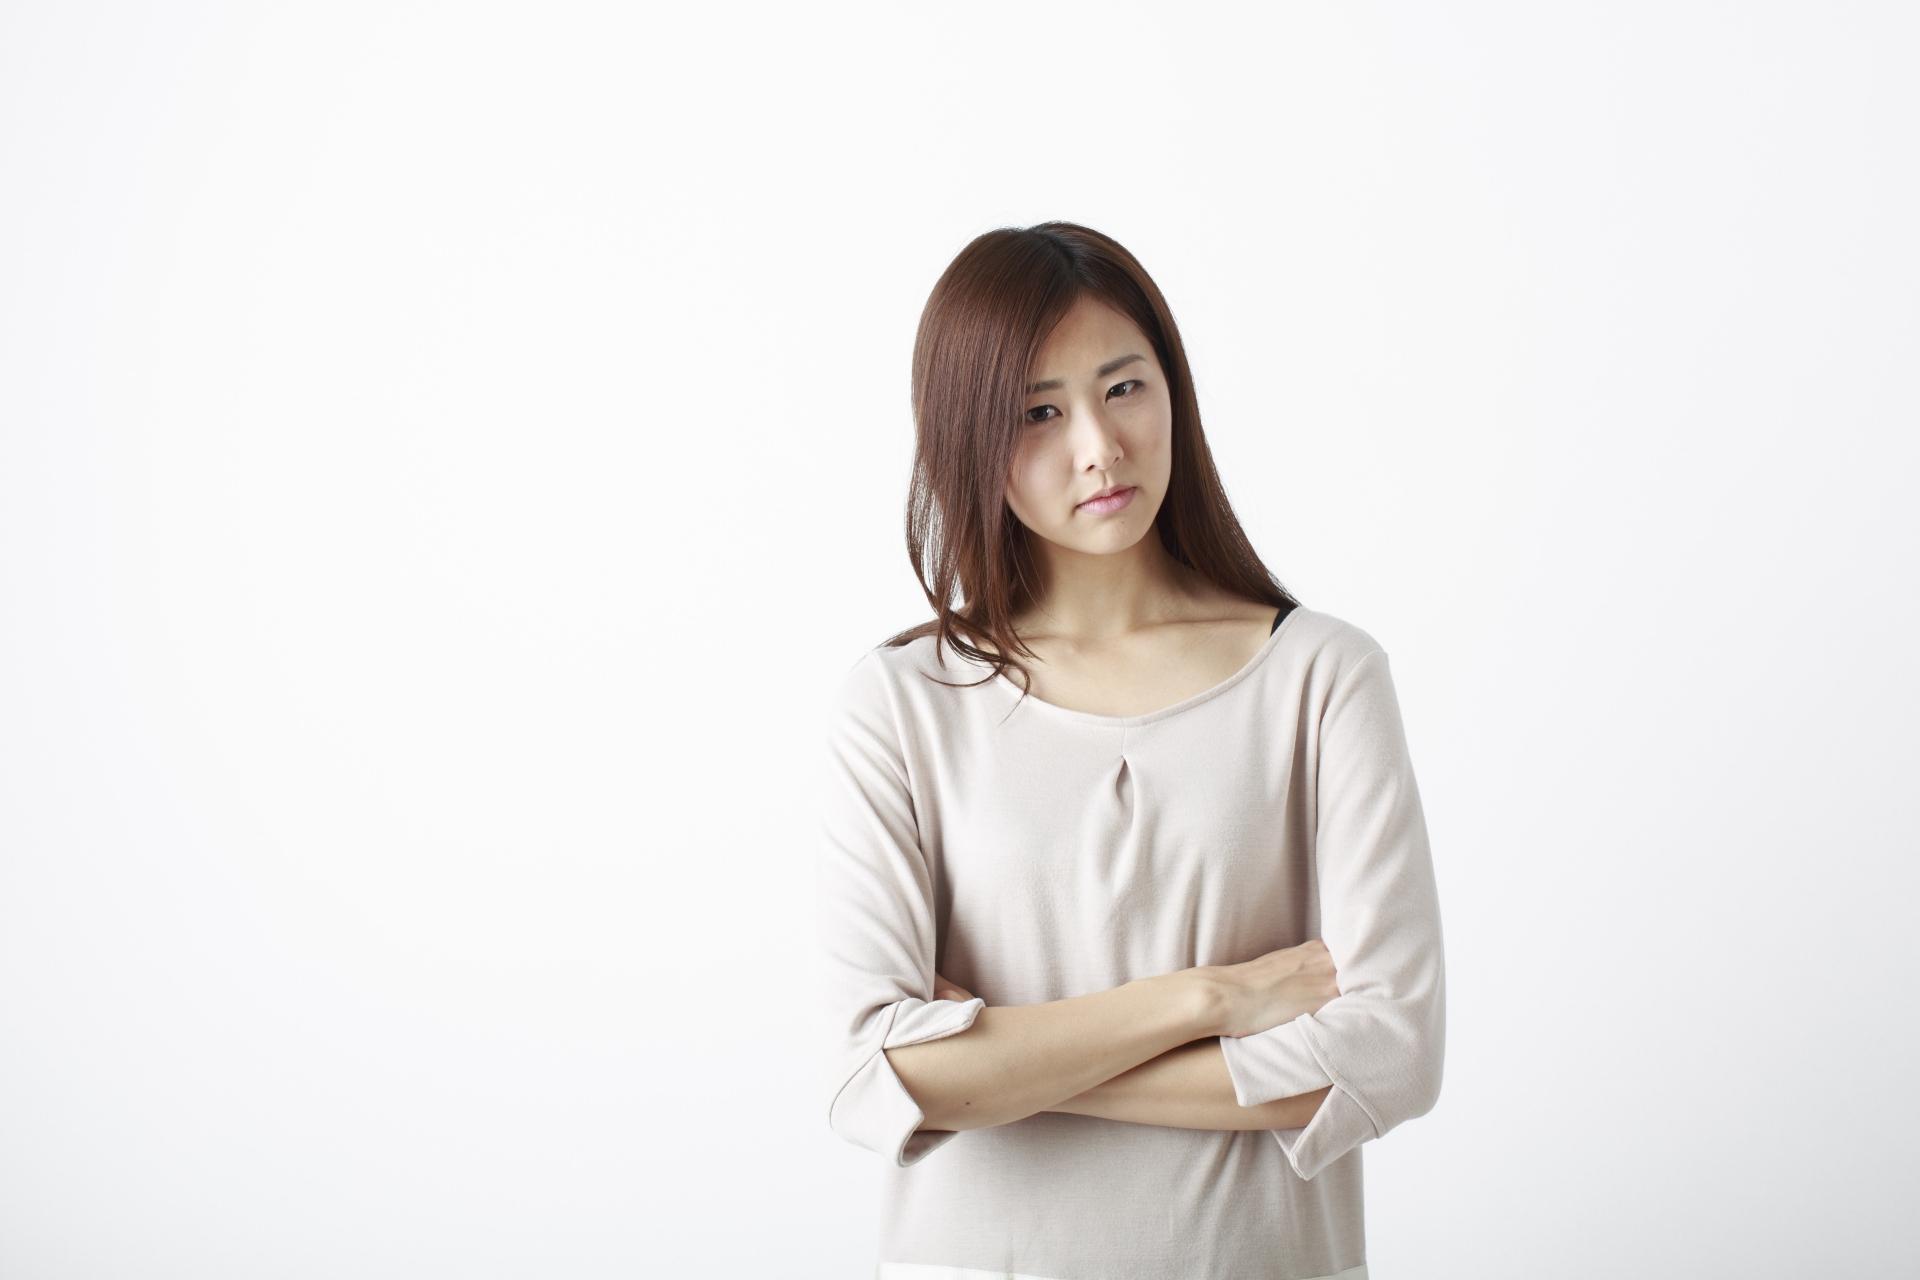 三重県探偵ブログ 「違和感」は信じろ!